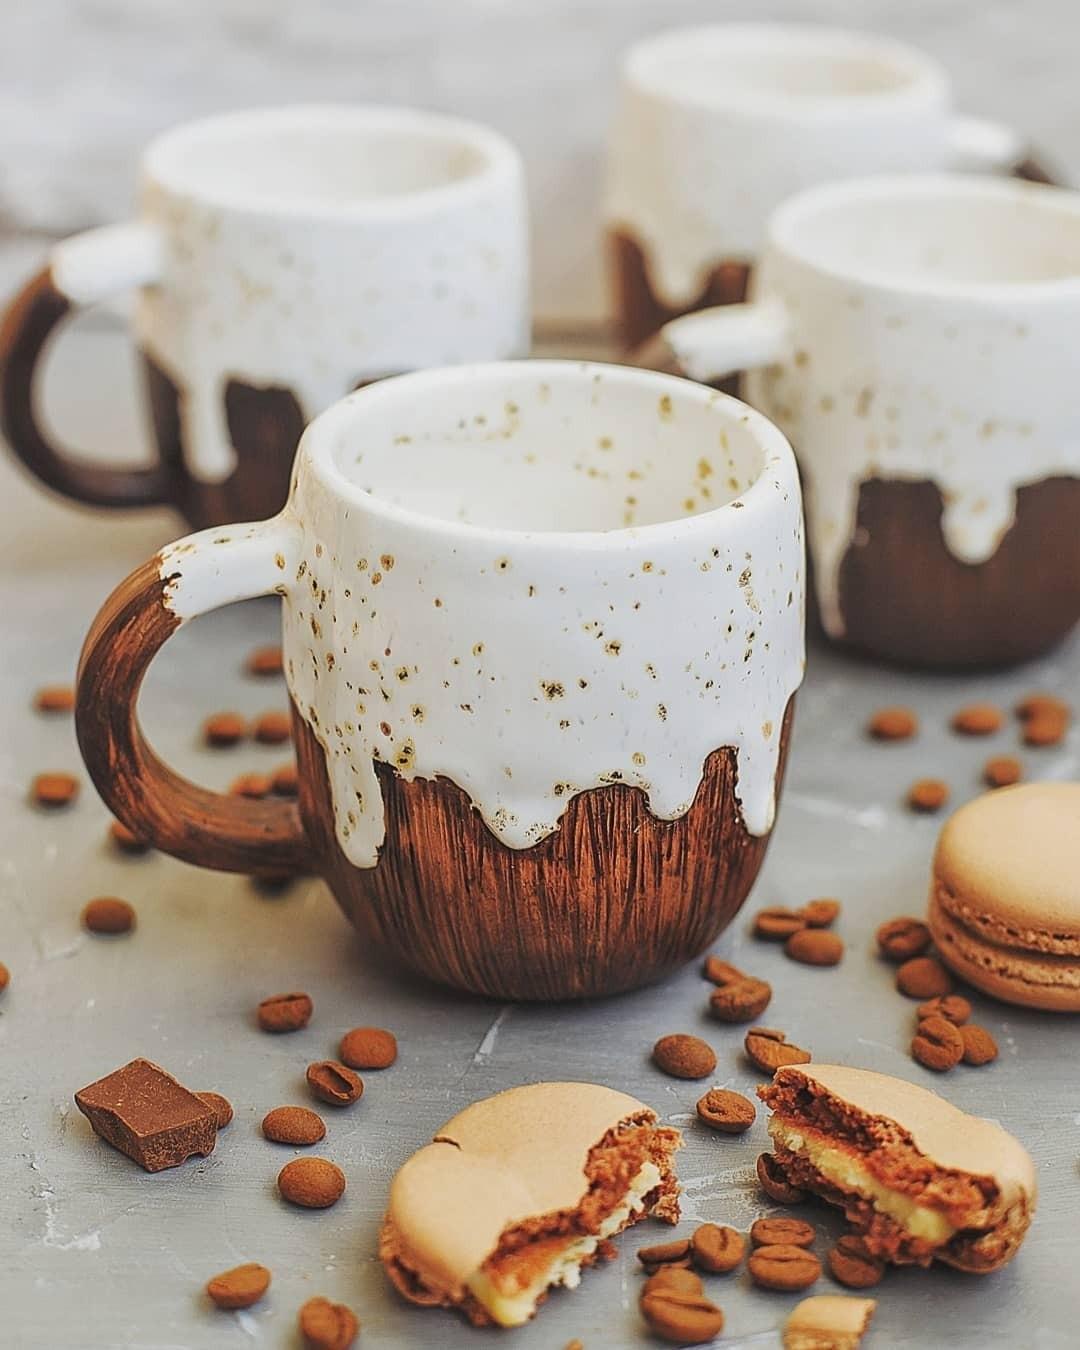 Фото: Instagram sv.shumskikh_pottery